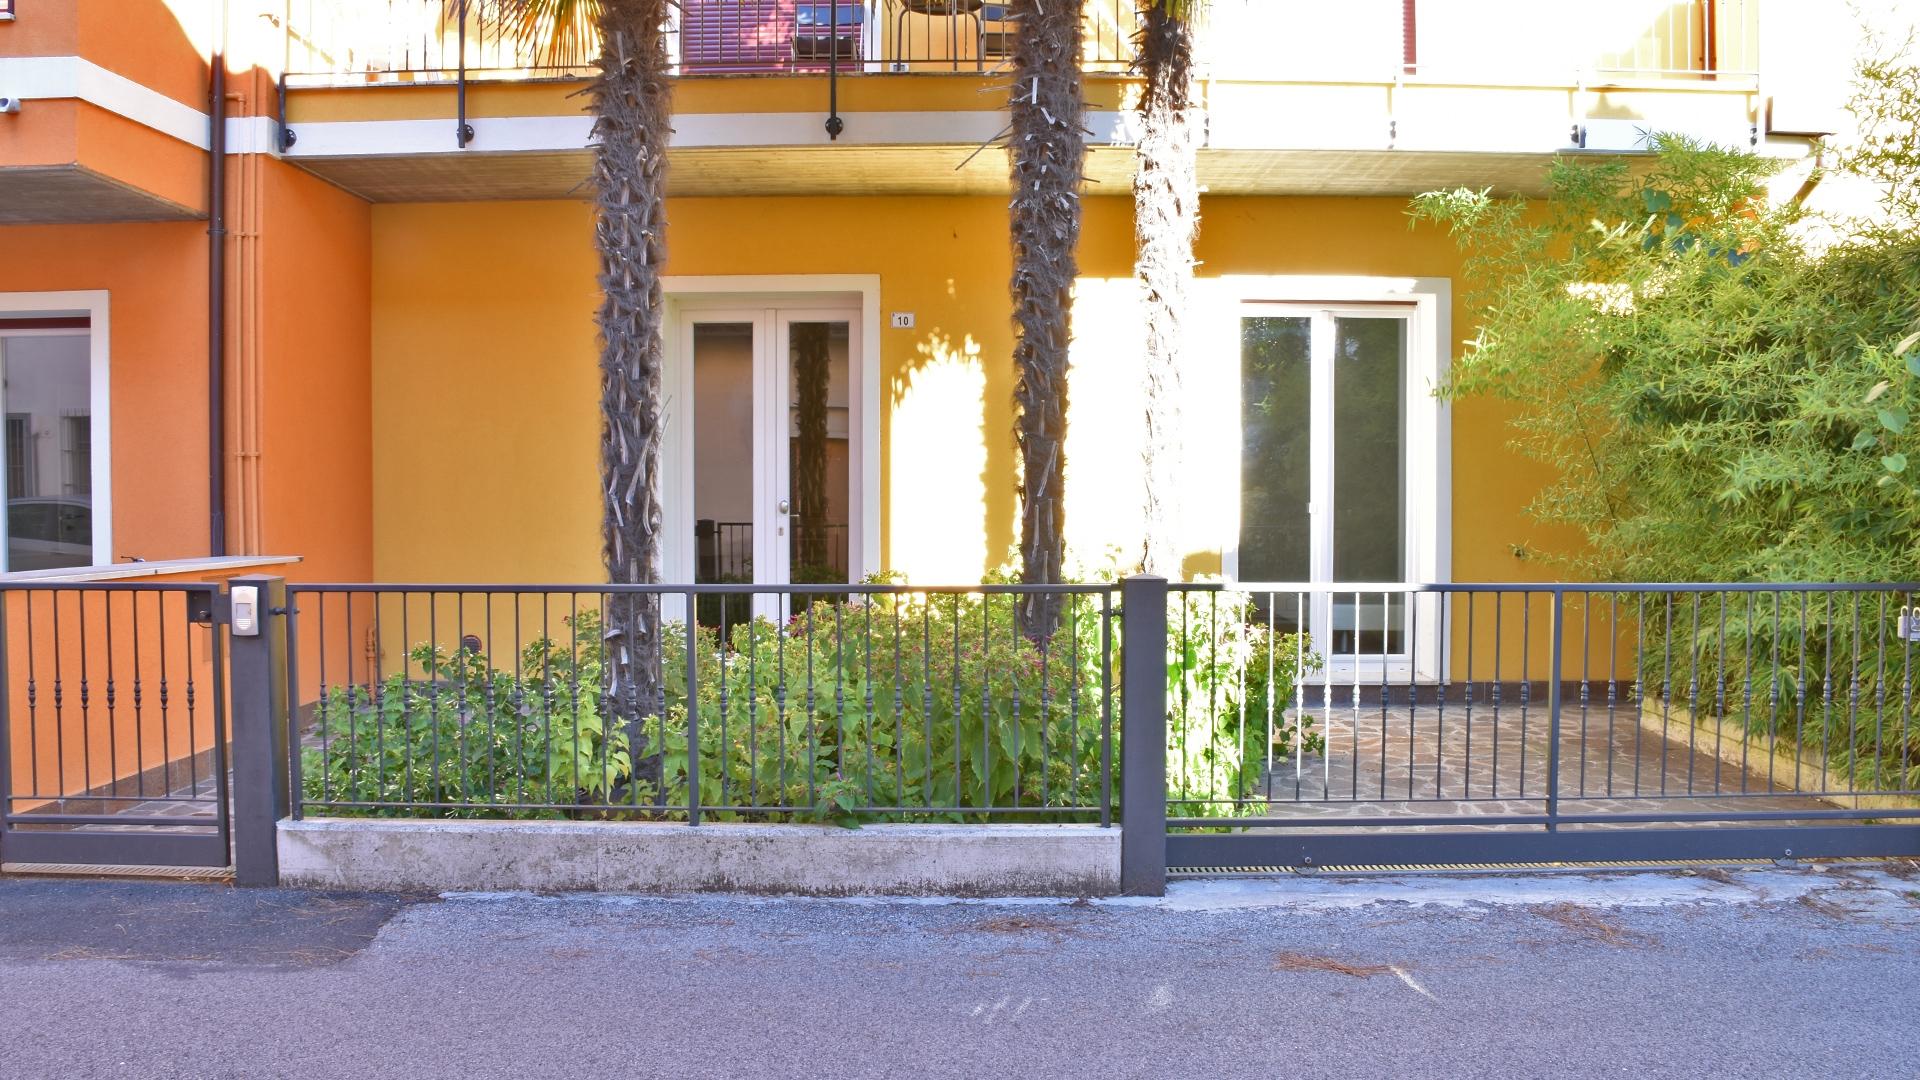 Appartamento in affitto a ravenna al piano terra con giardino for Contratto affitto appartamento arredato